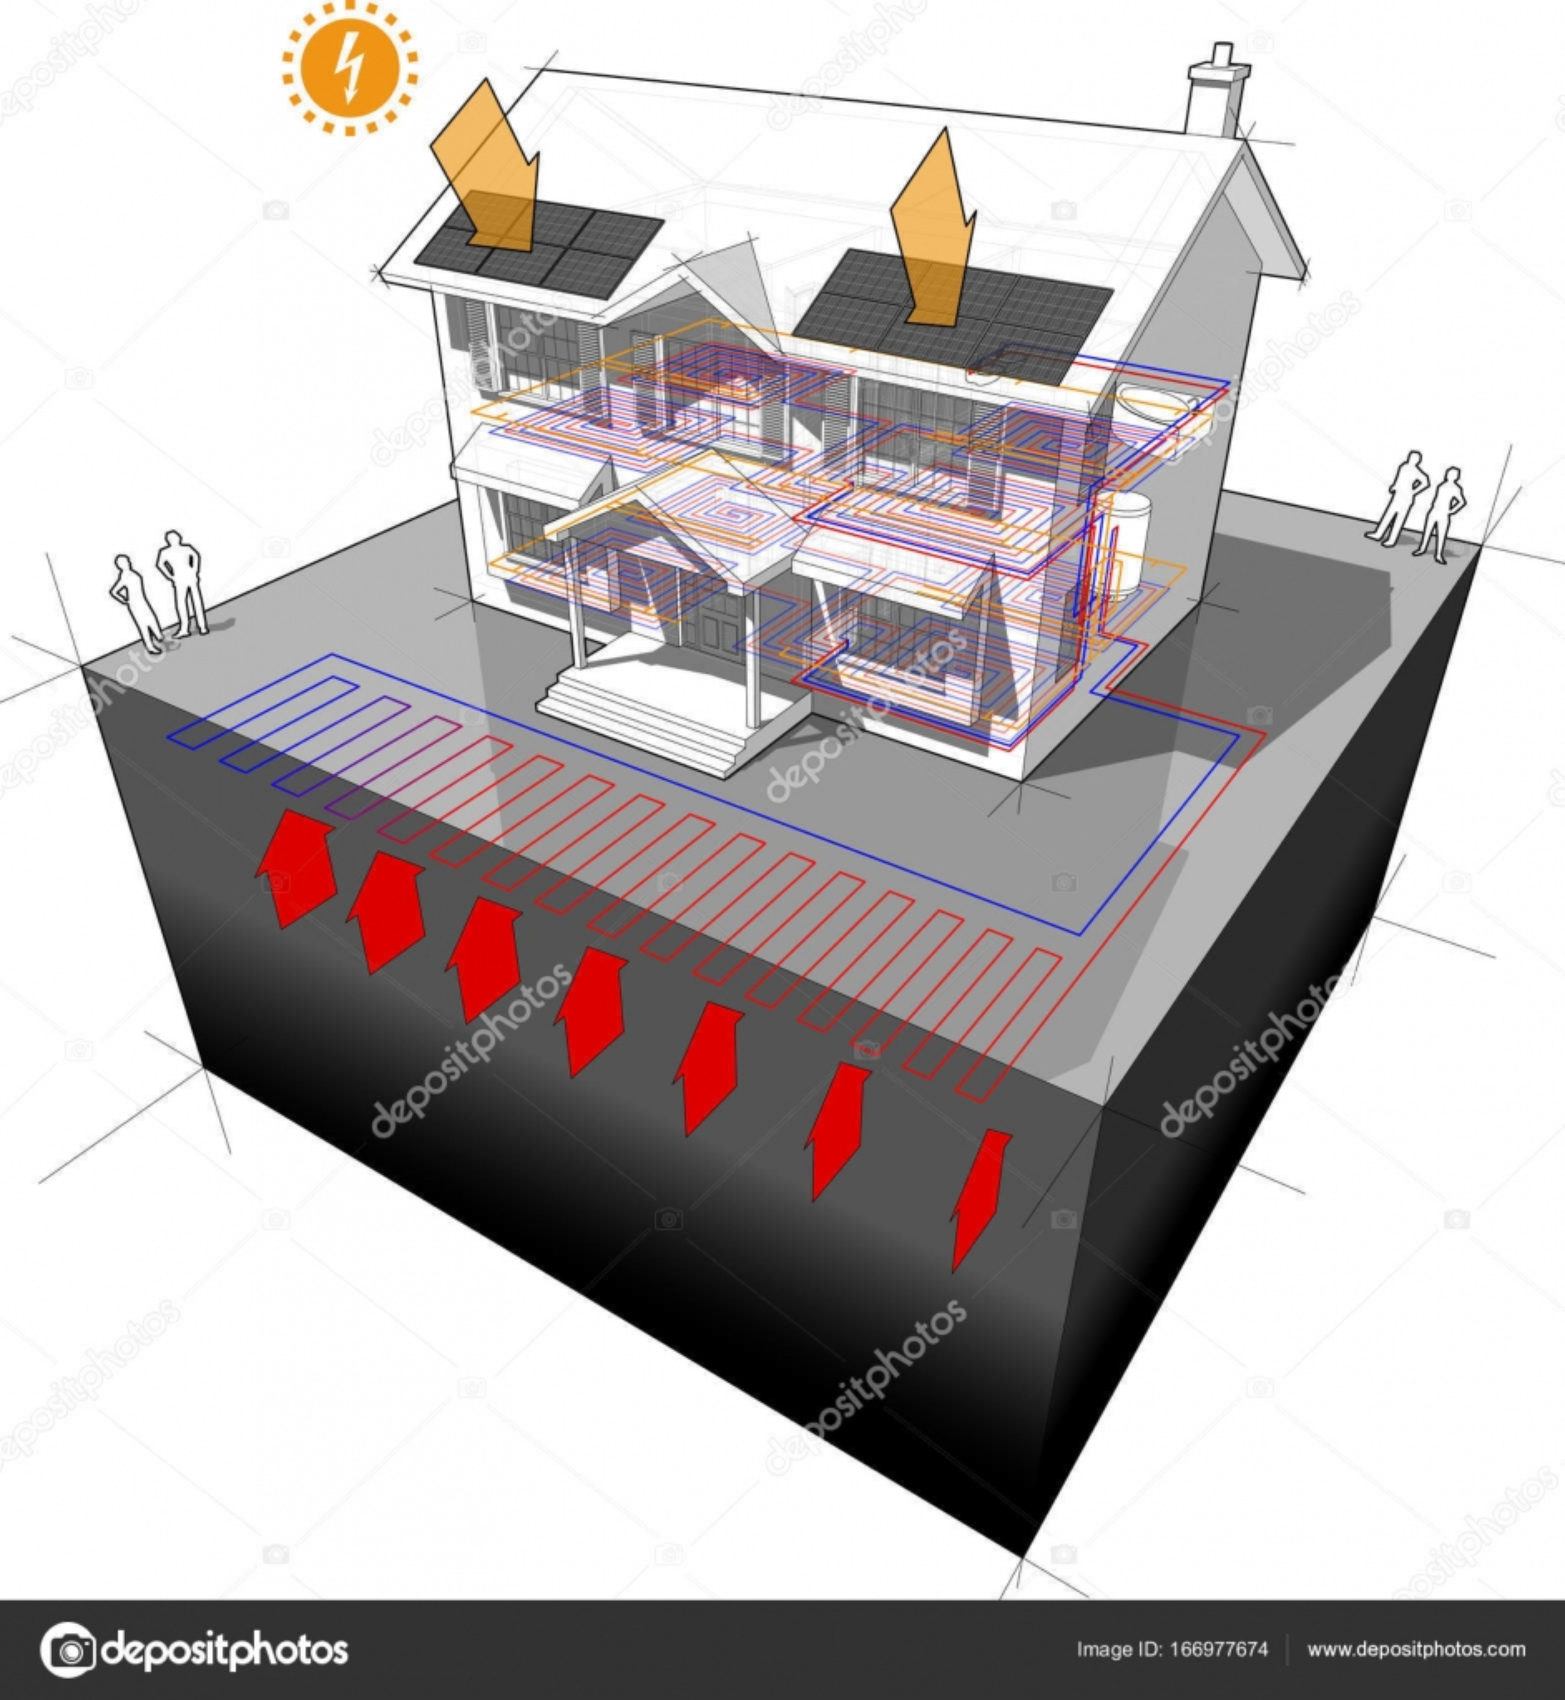 Superb Erdwärmepumpe Und Fotovoltaikanlagen Haus Diagramm U2014 Stockvektor